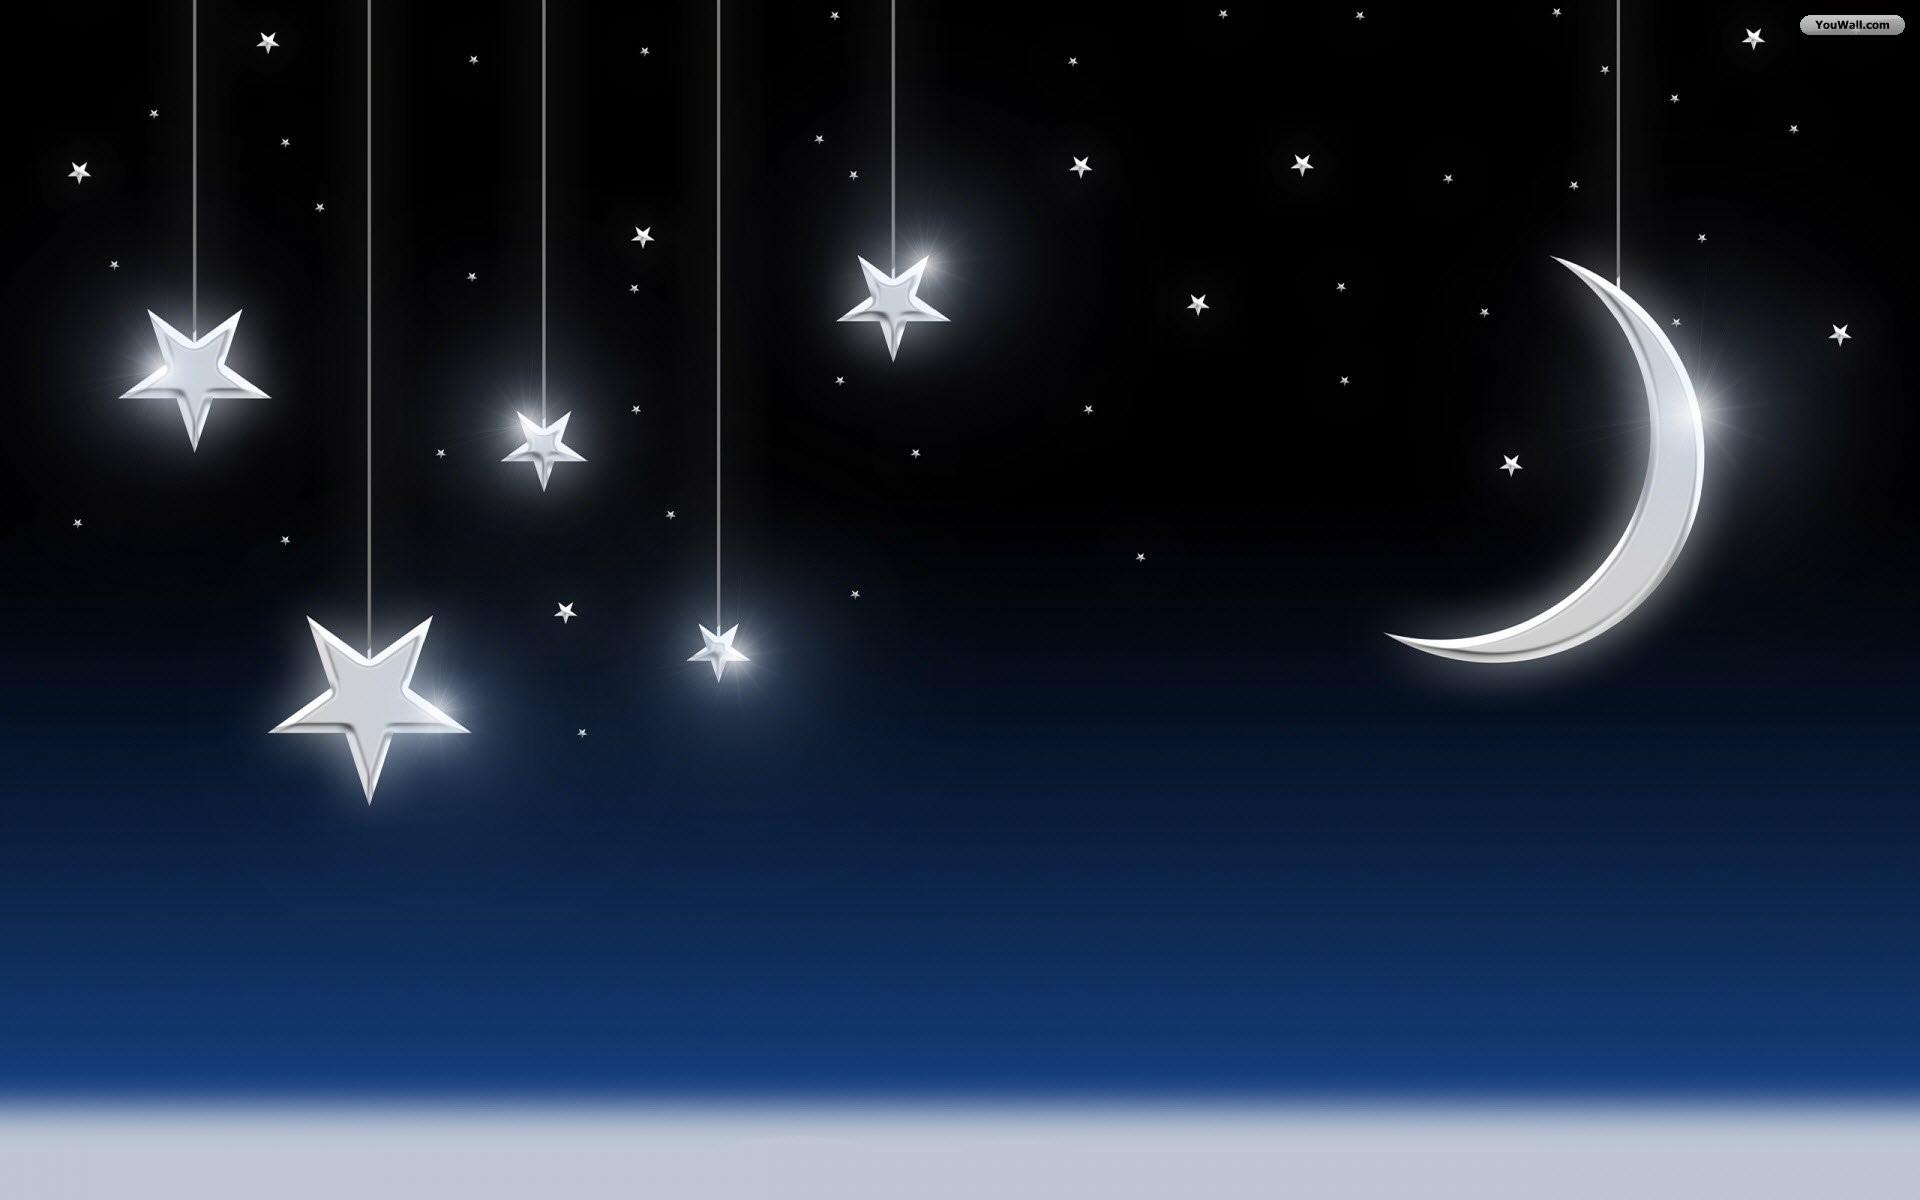 Moon and Stars Desktop Wallpaper – WallpaperSafari